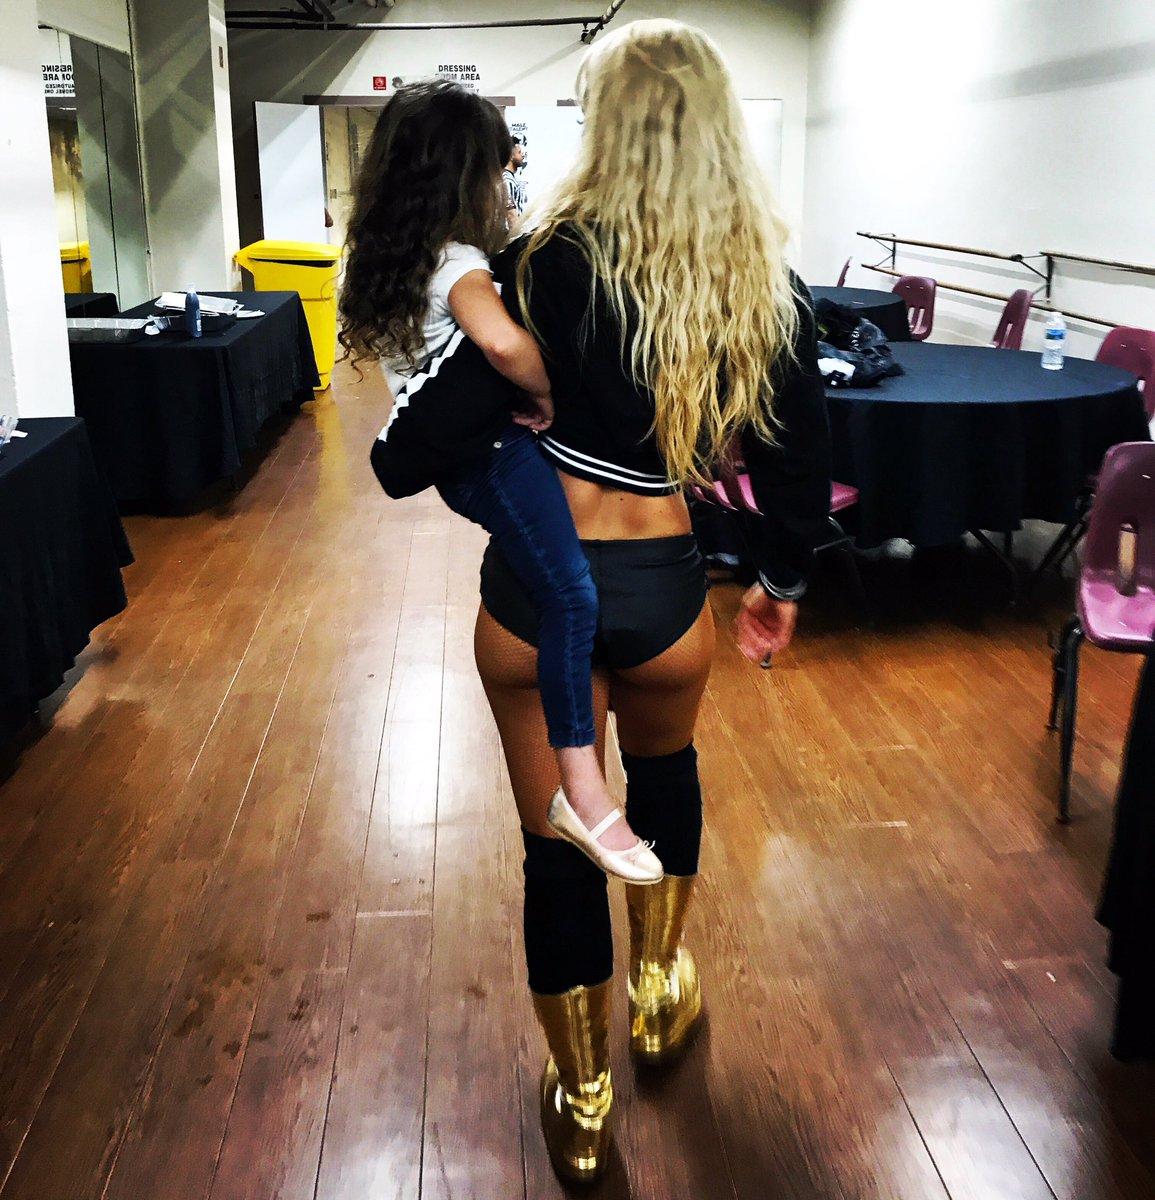 WWE_MandyRose photo